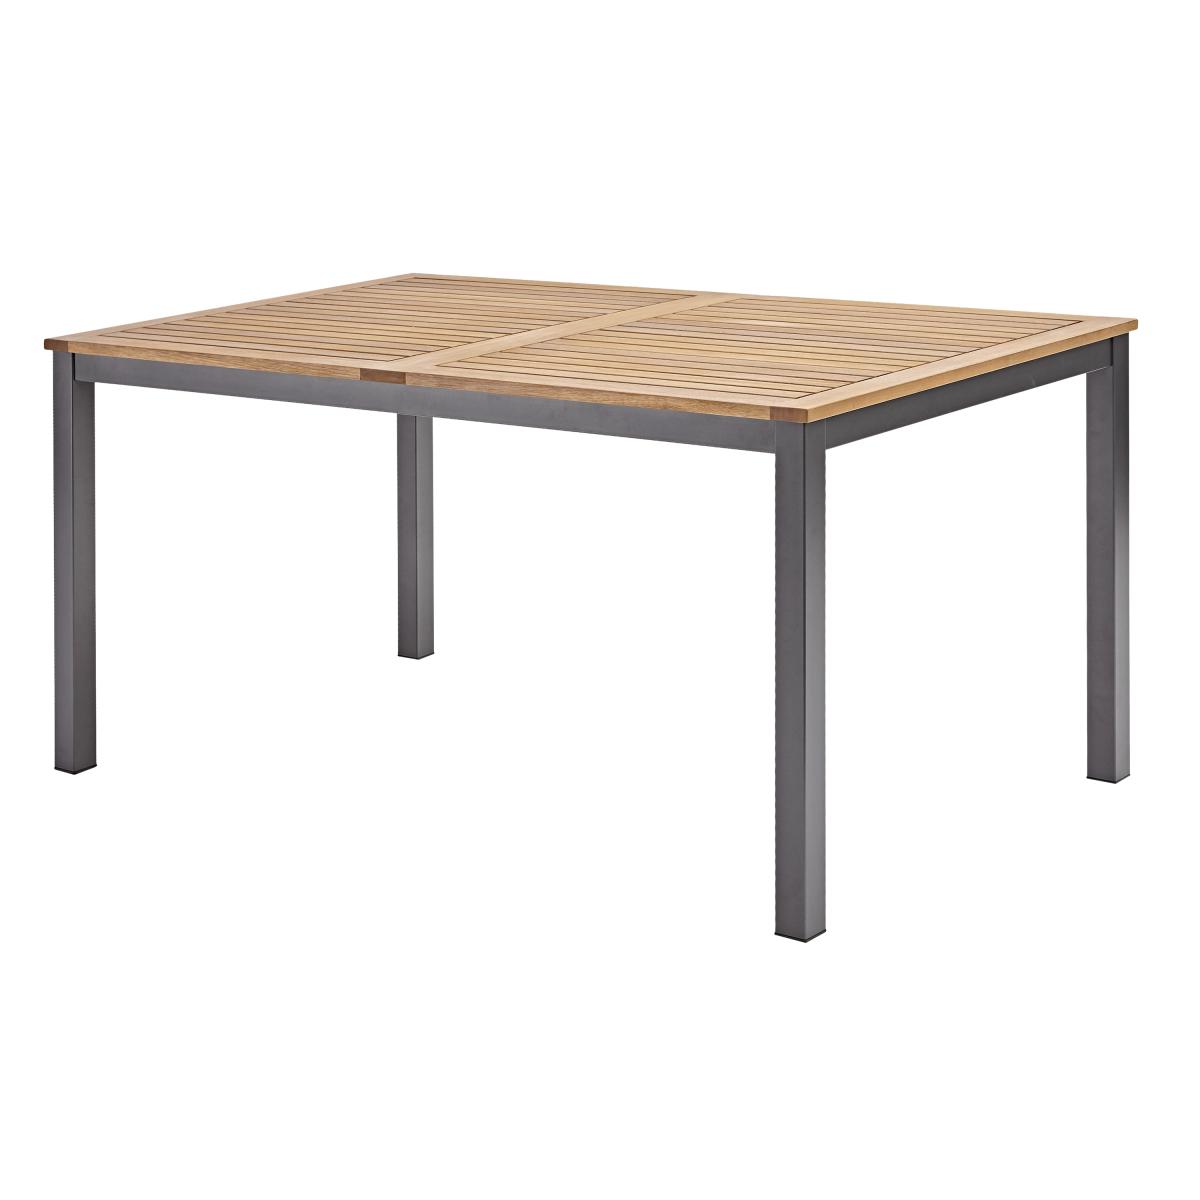 Стол садовый Naterial Oris 150x89х74.6 см алюминий/эвкалипт светло-коричневый